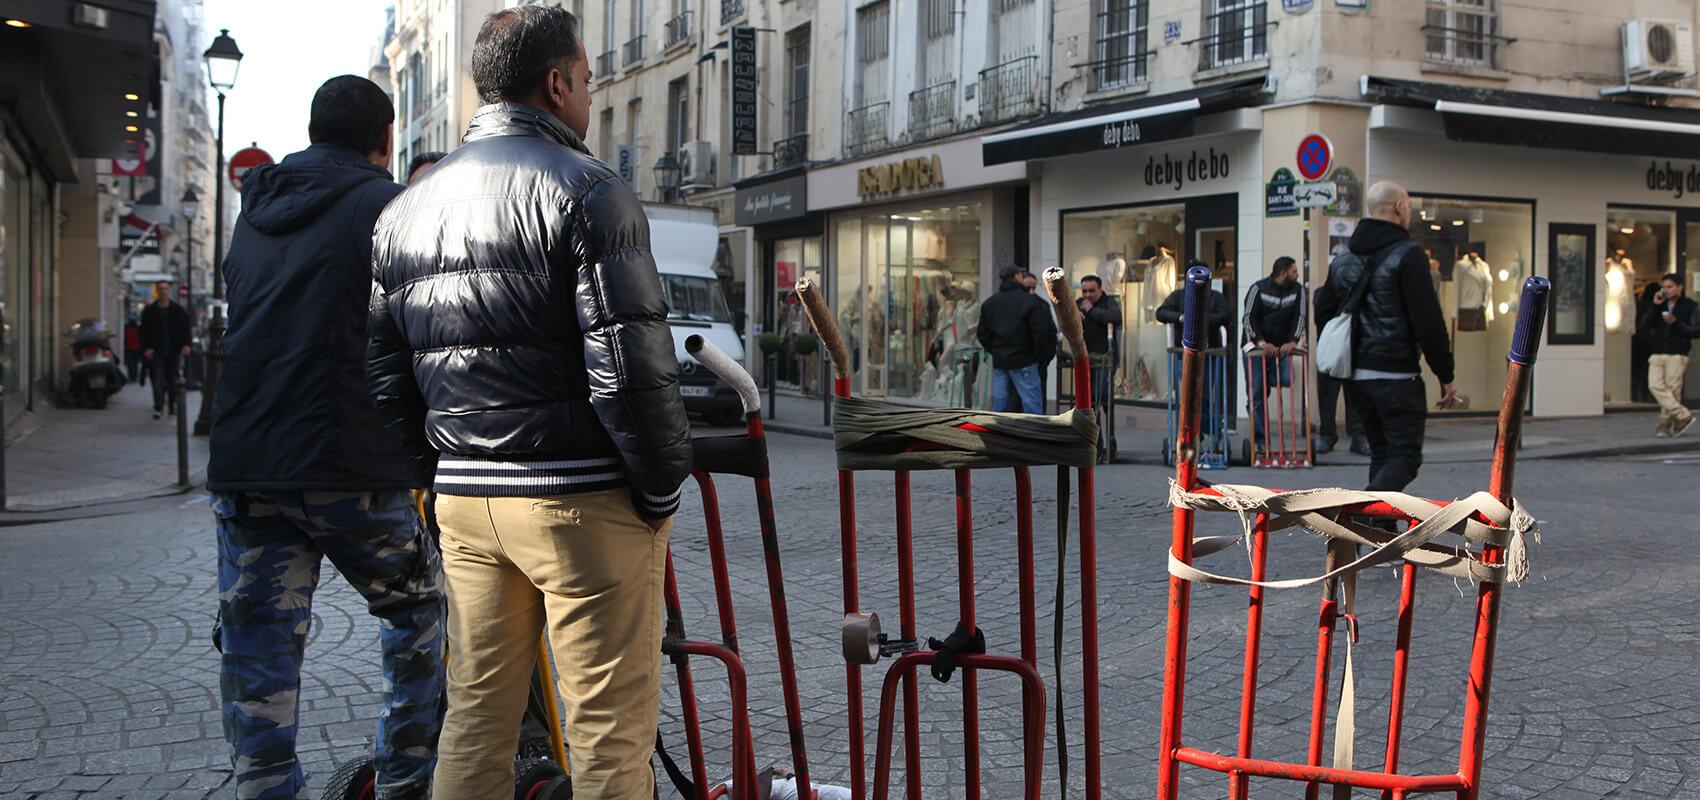 Ardar manutentionnaire pour les grossistes du sentier streetpress - Quartier du sentier paris ...